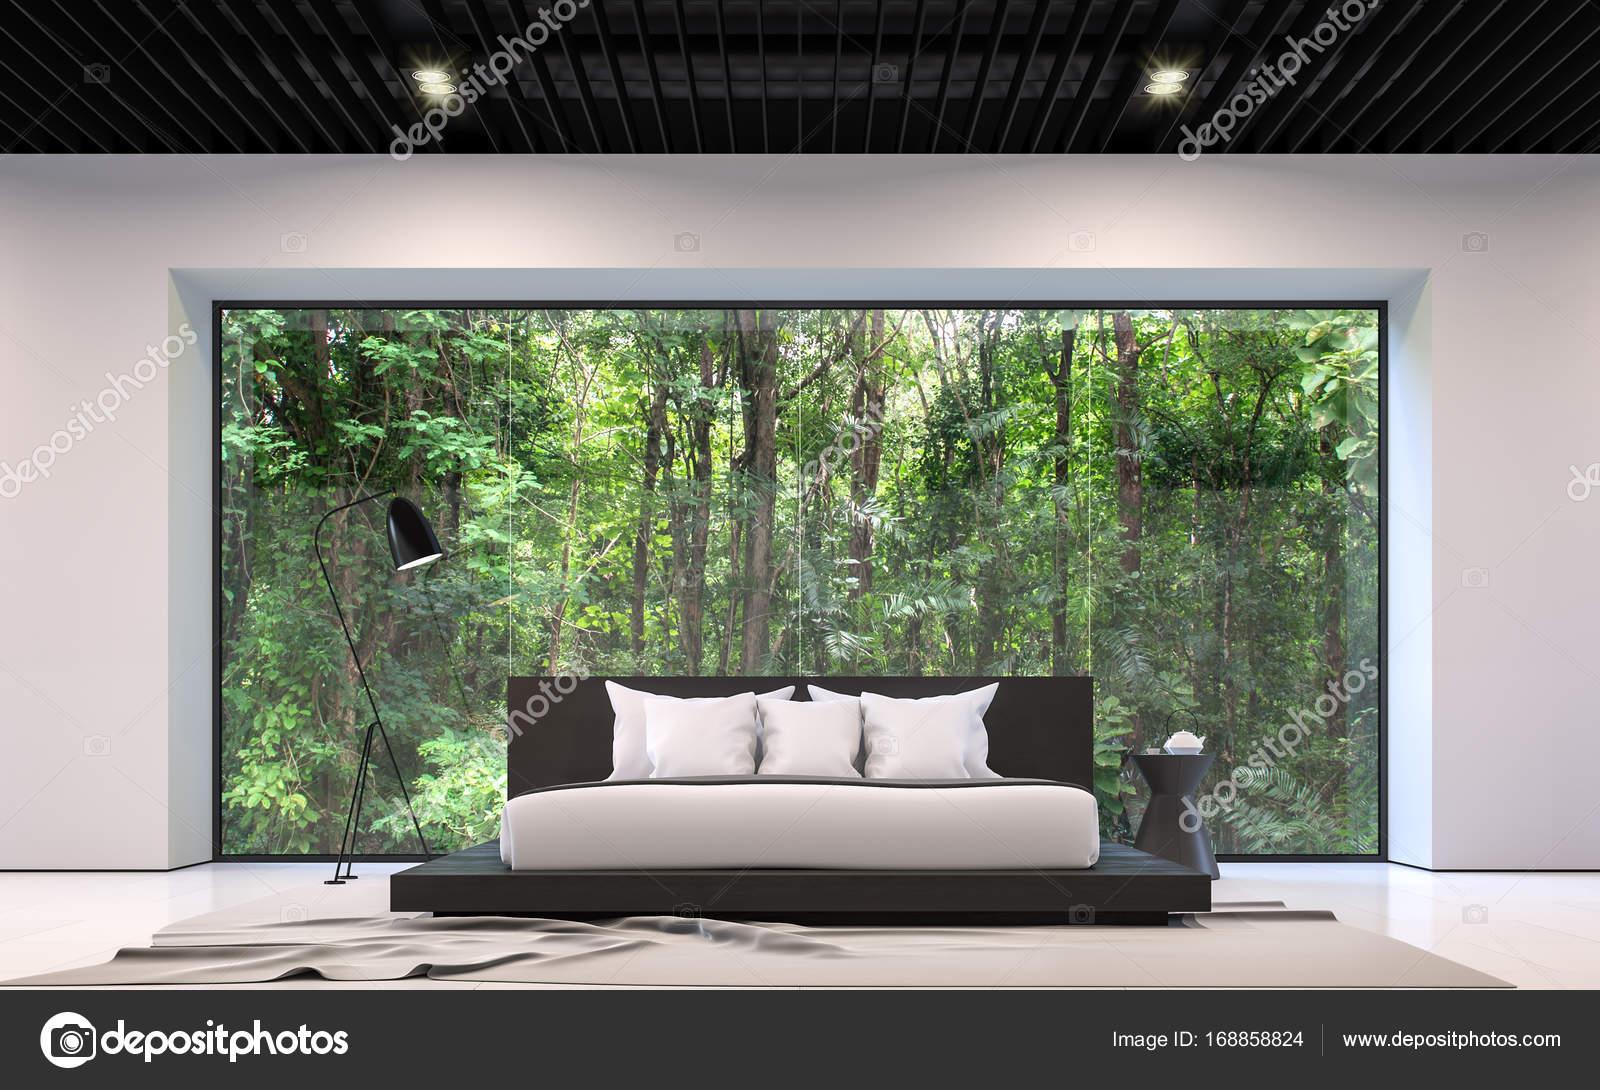 Moderne noir et blanc chambre avec image de rendu 3d de la vue forêt ...